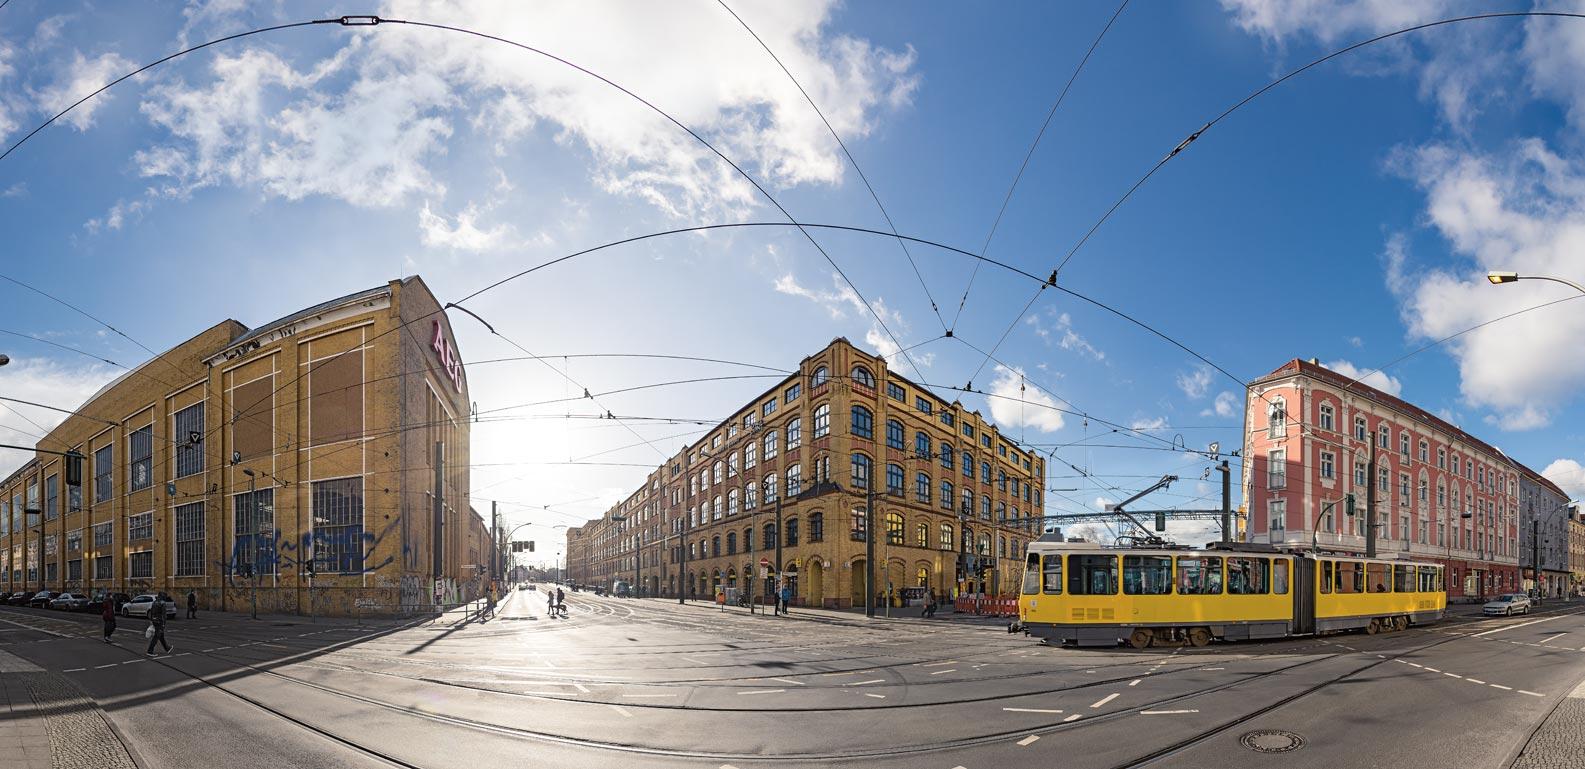 Leuchtenfabrik, Berlin © Tobi Bohn